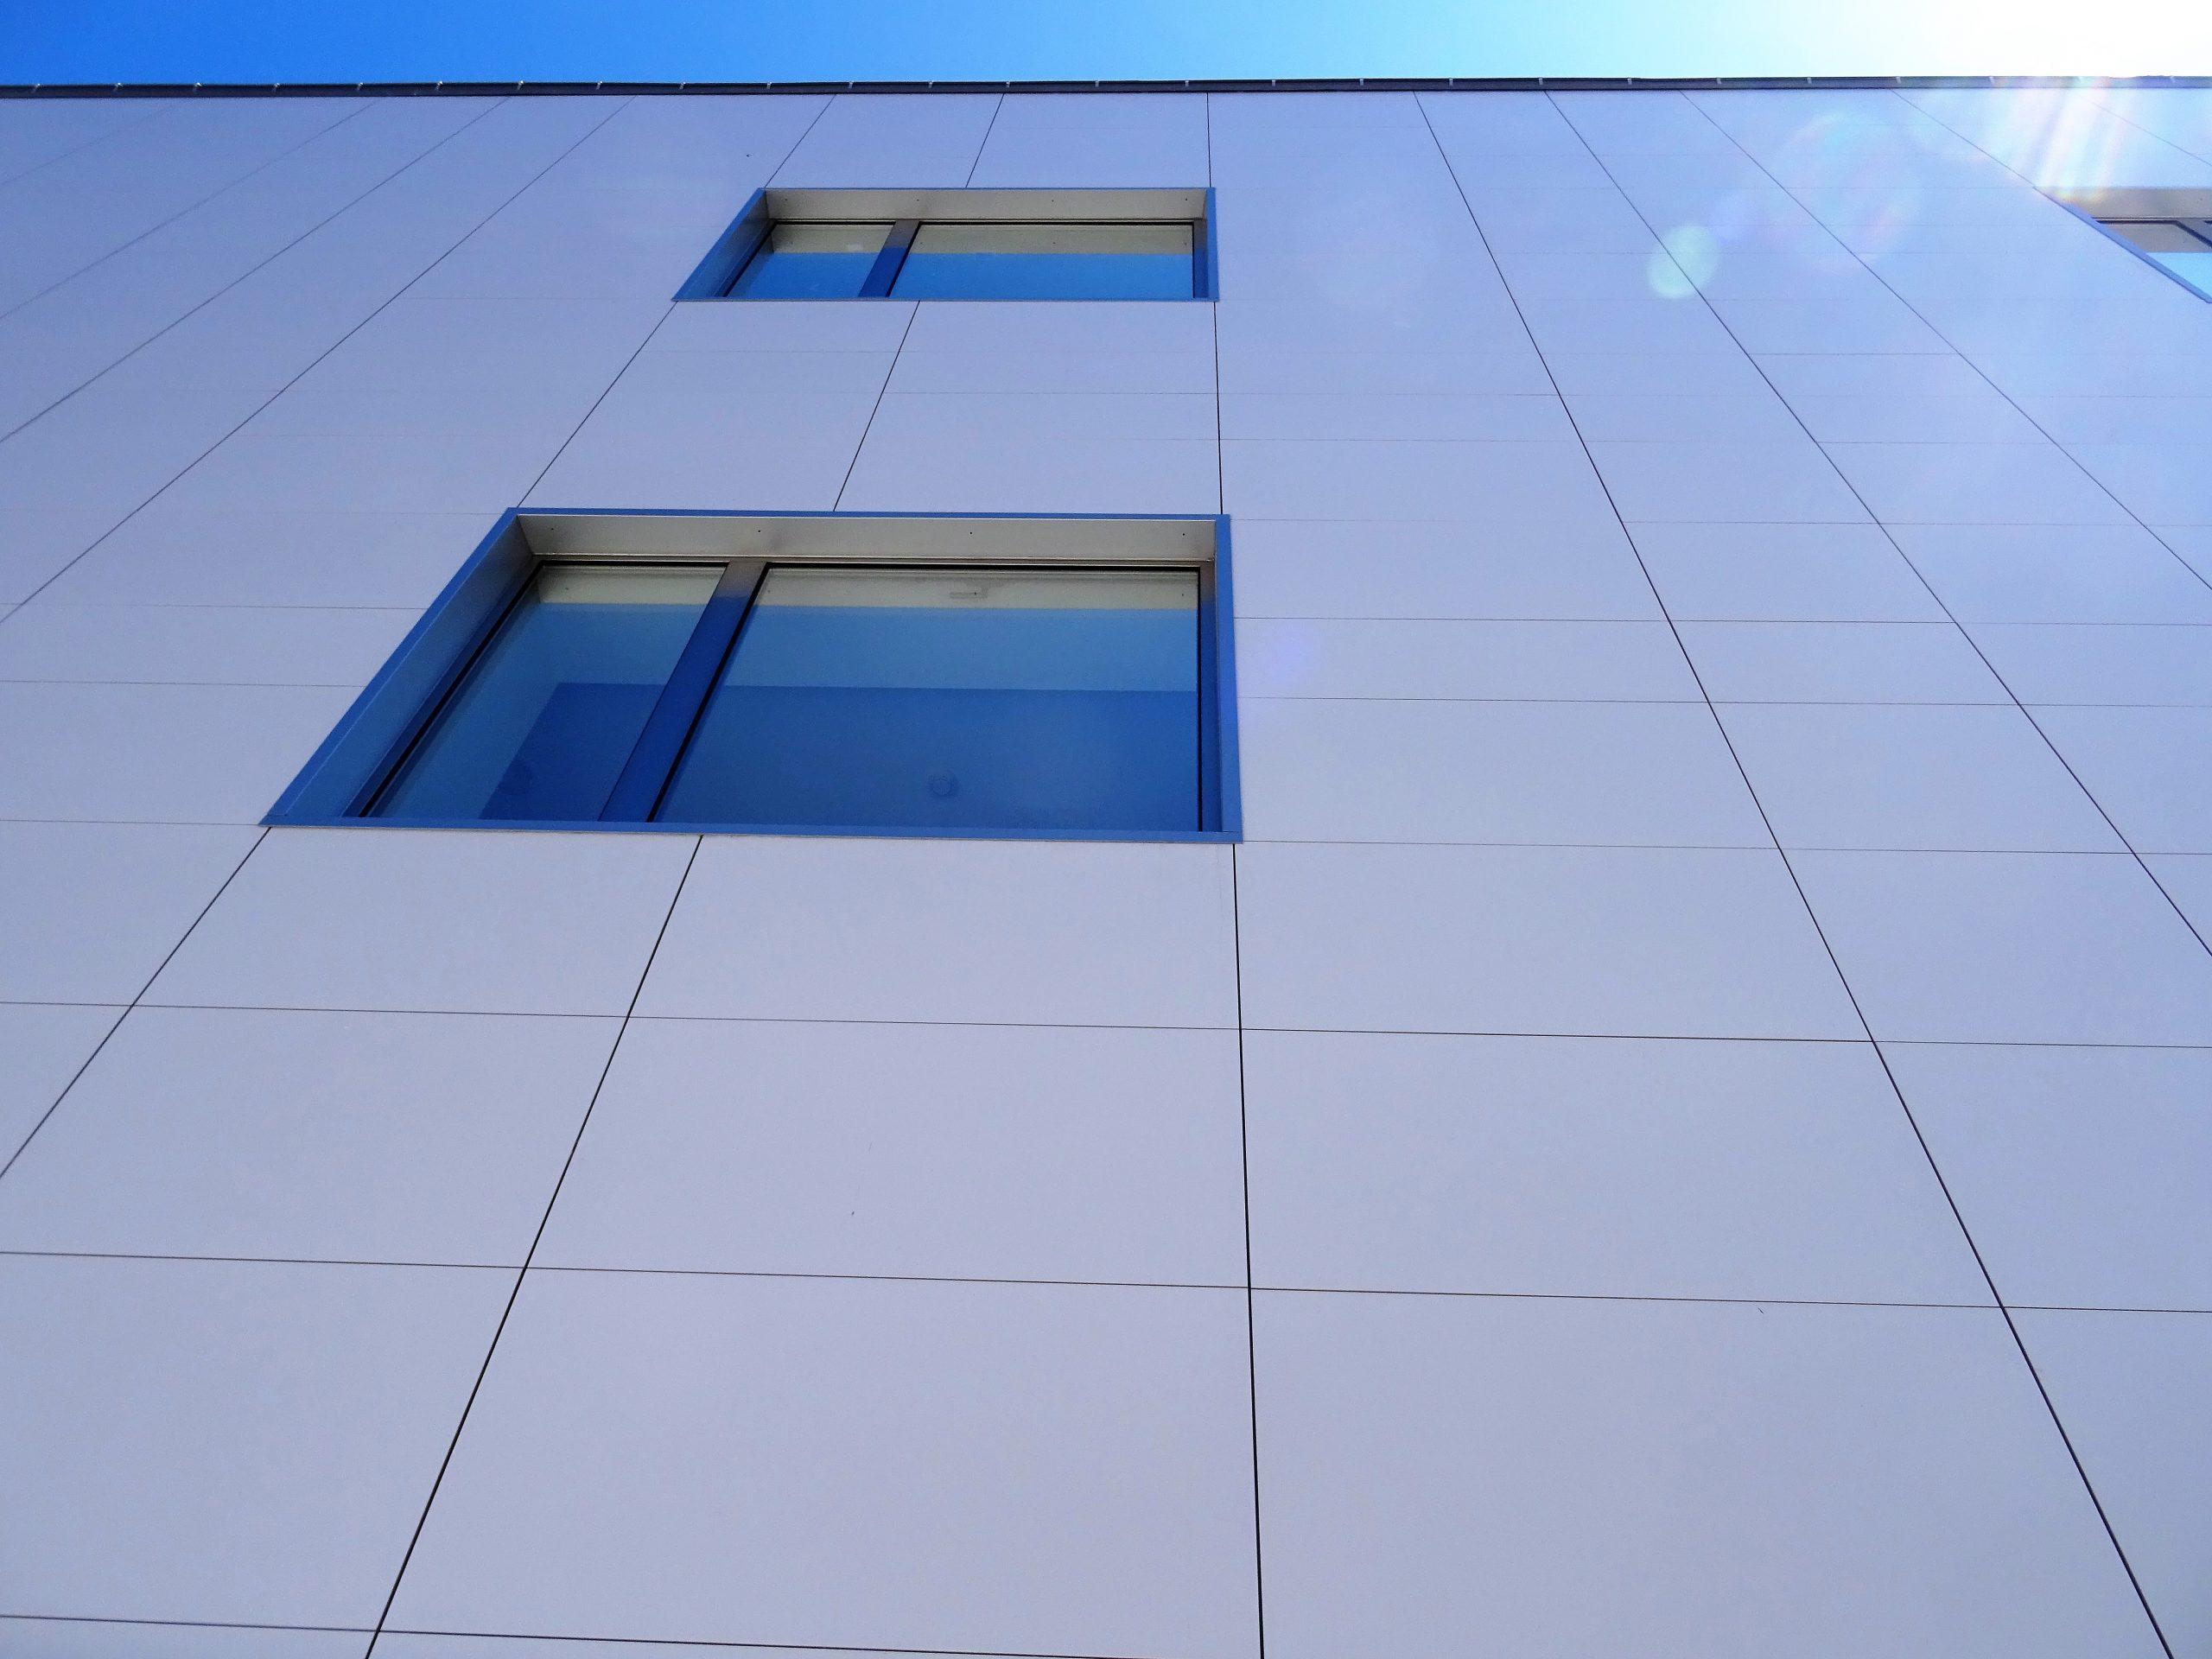 Arbone detalle fachada ventilada 5